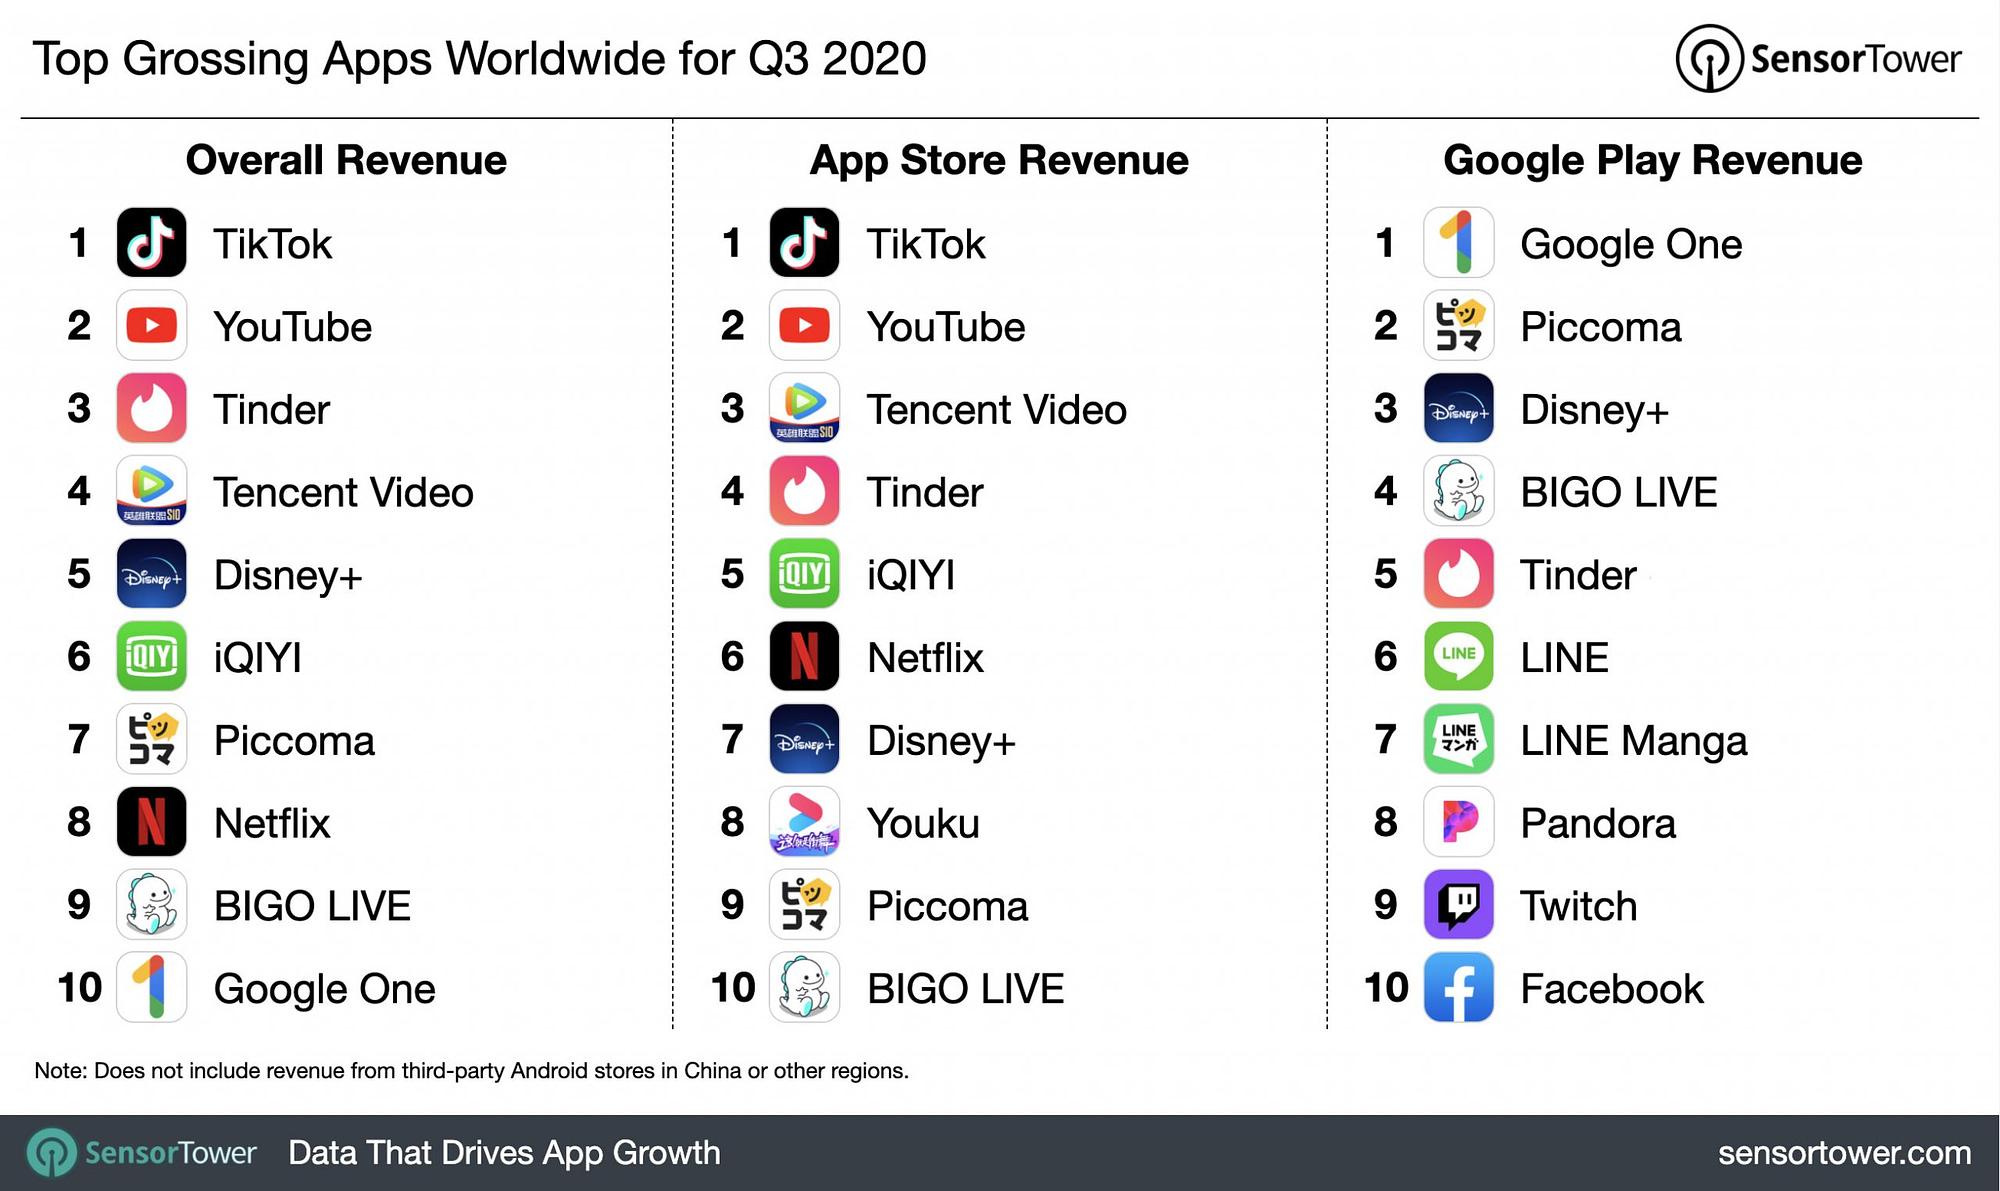 Diagram som visar de tio appar som drog in mest pengar totalt samt i Appstore och Google Play under tredje kvartalet 2020